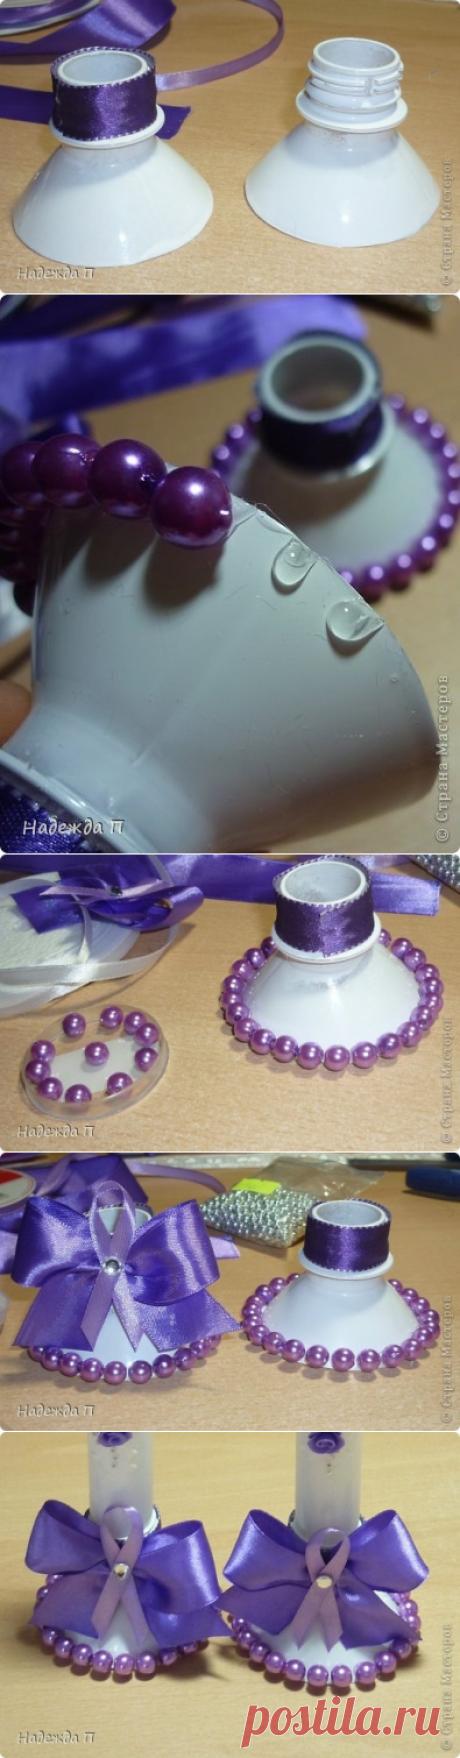 Подсвечник из пластиковой бутылки — Сделай сам, идеи для творчества - DIY Ideas